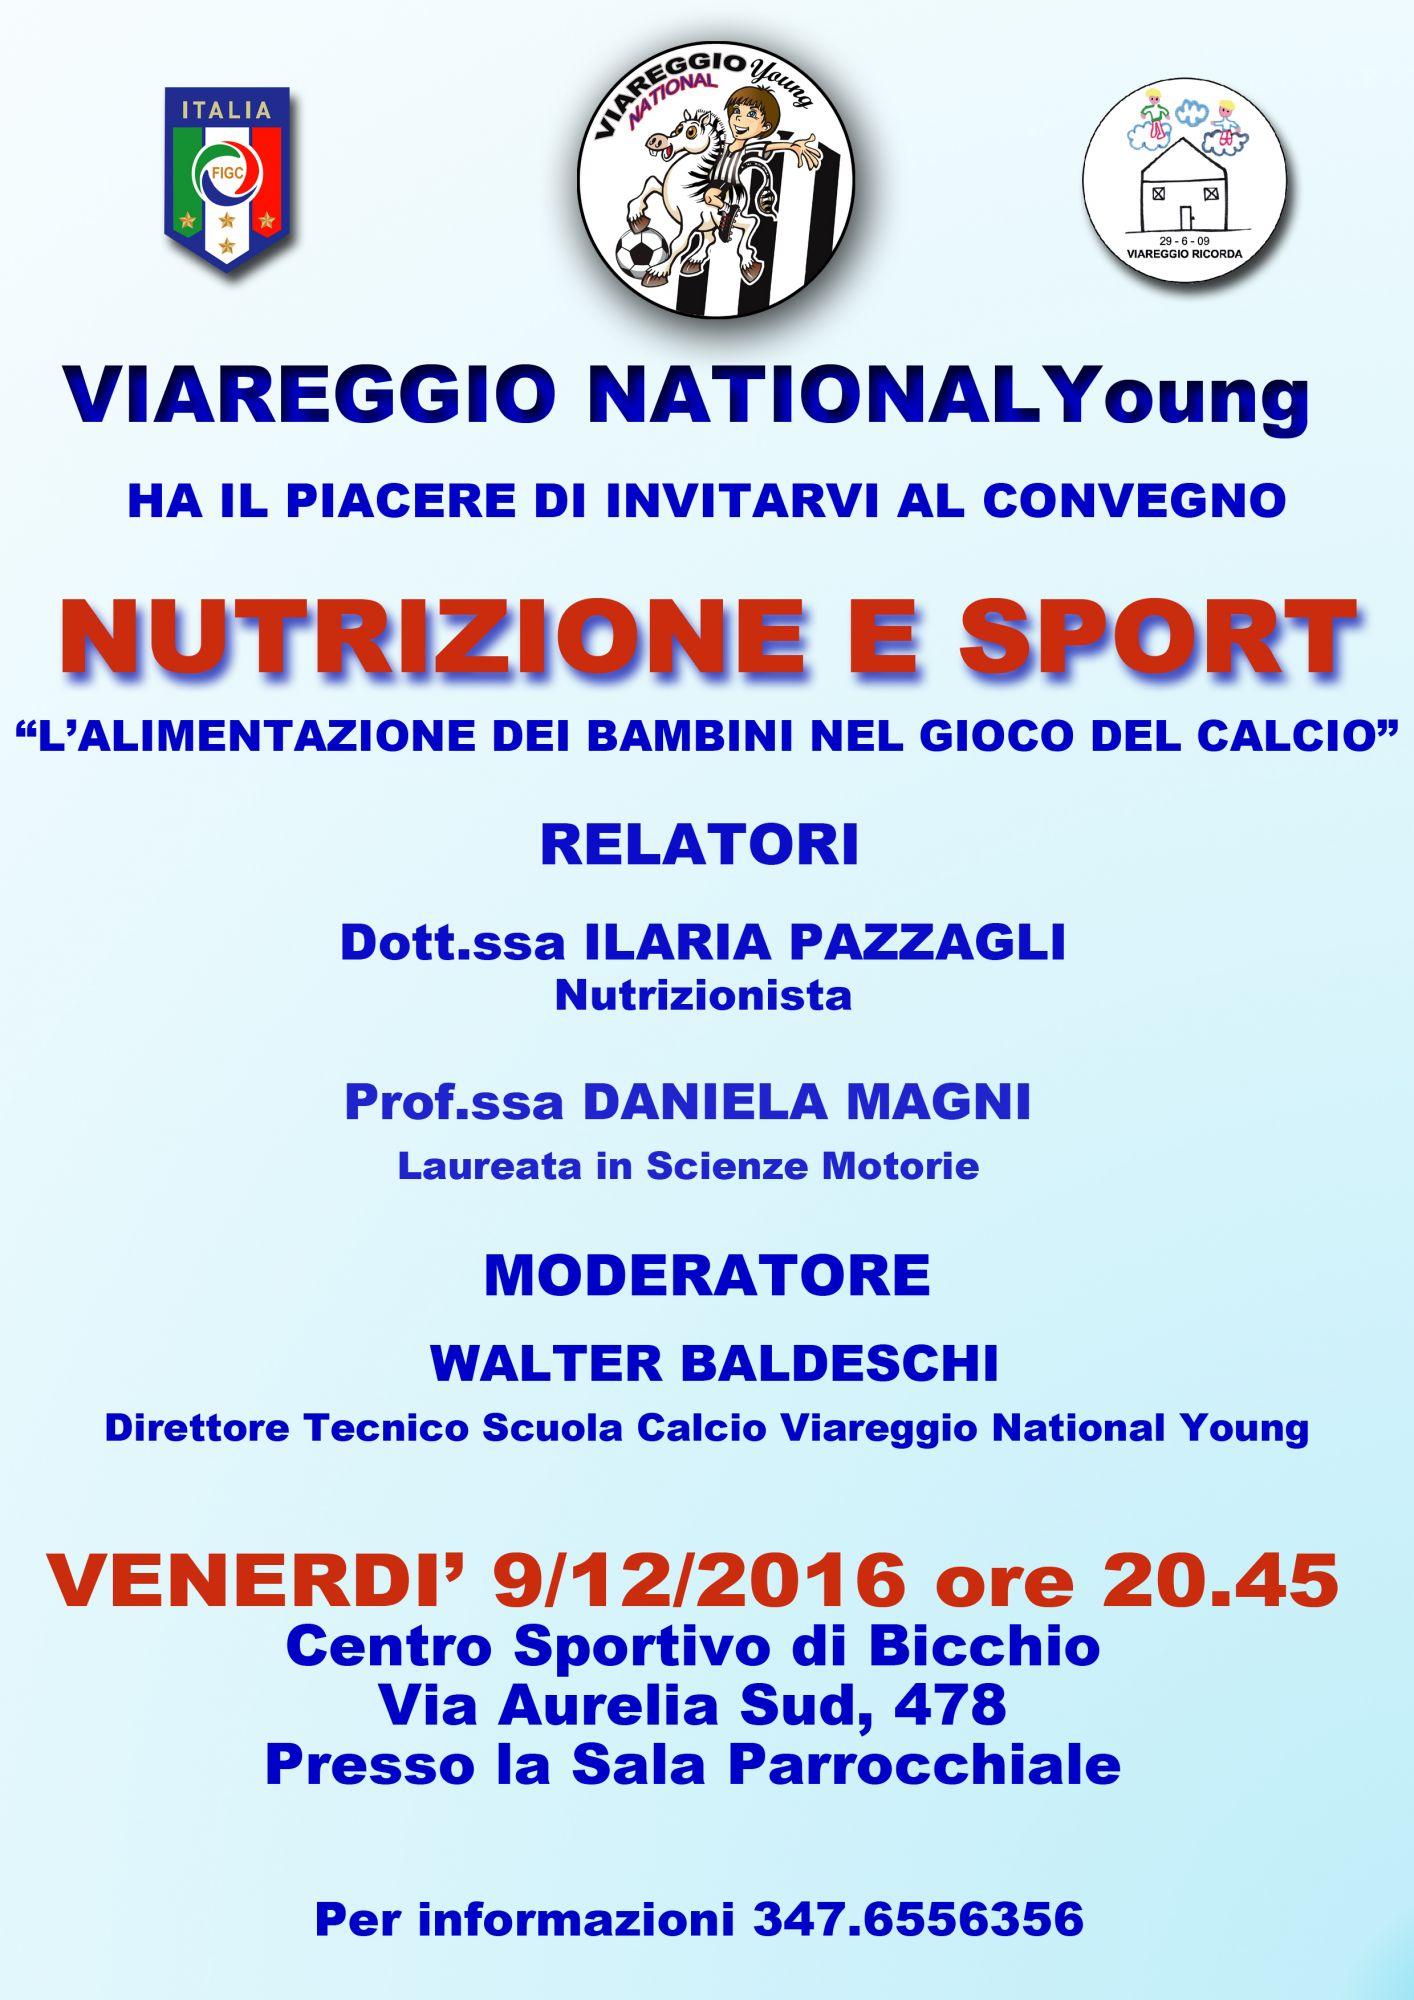 Convegno nutrizione e sport con il Viareggio National Young